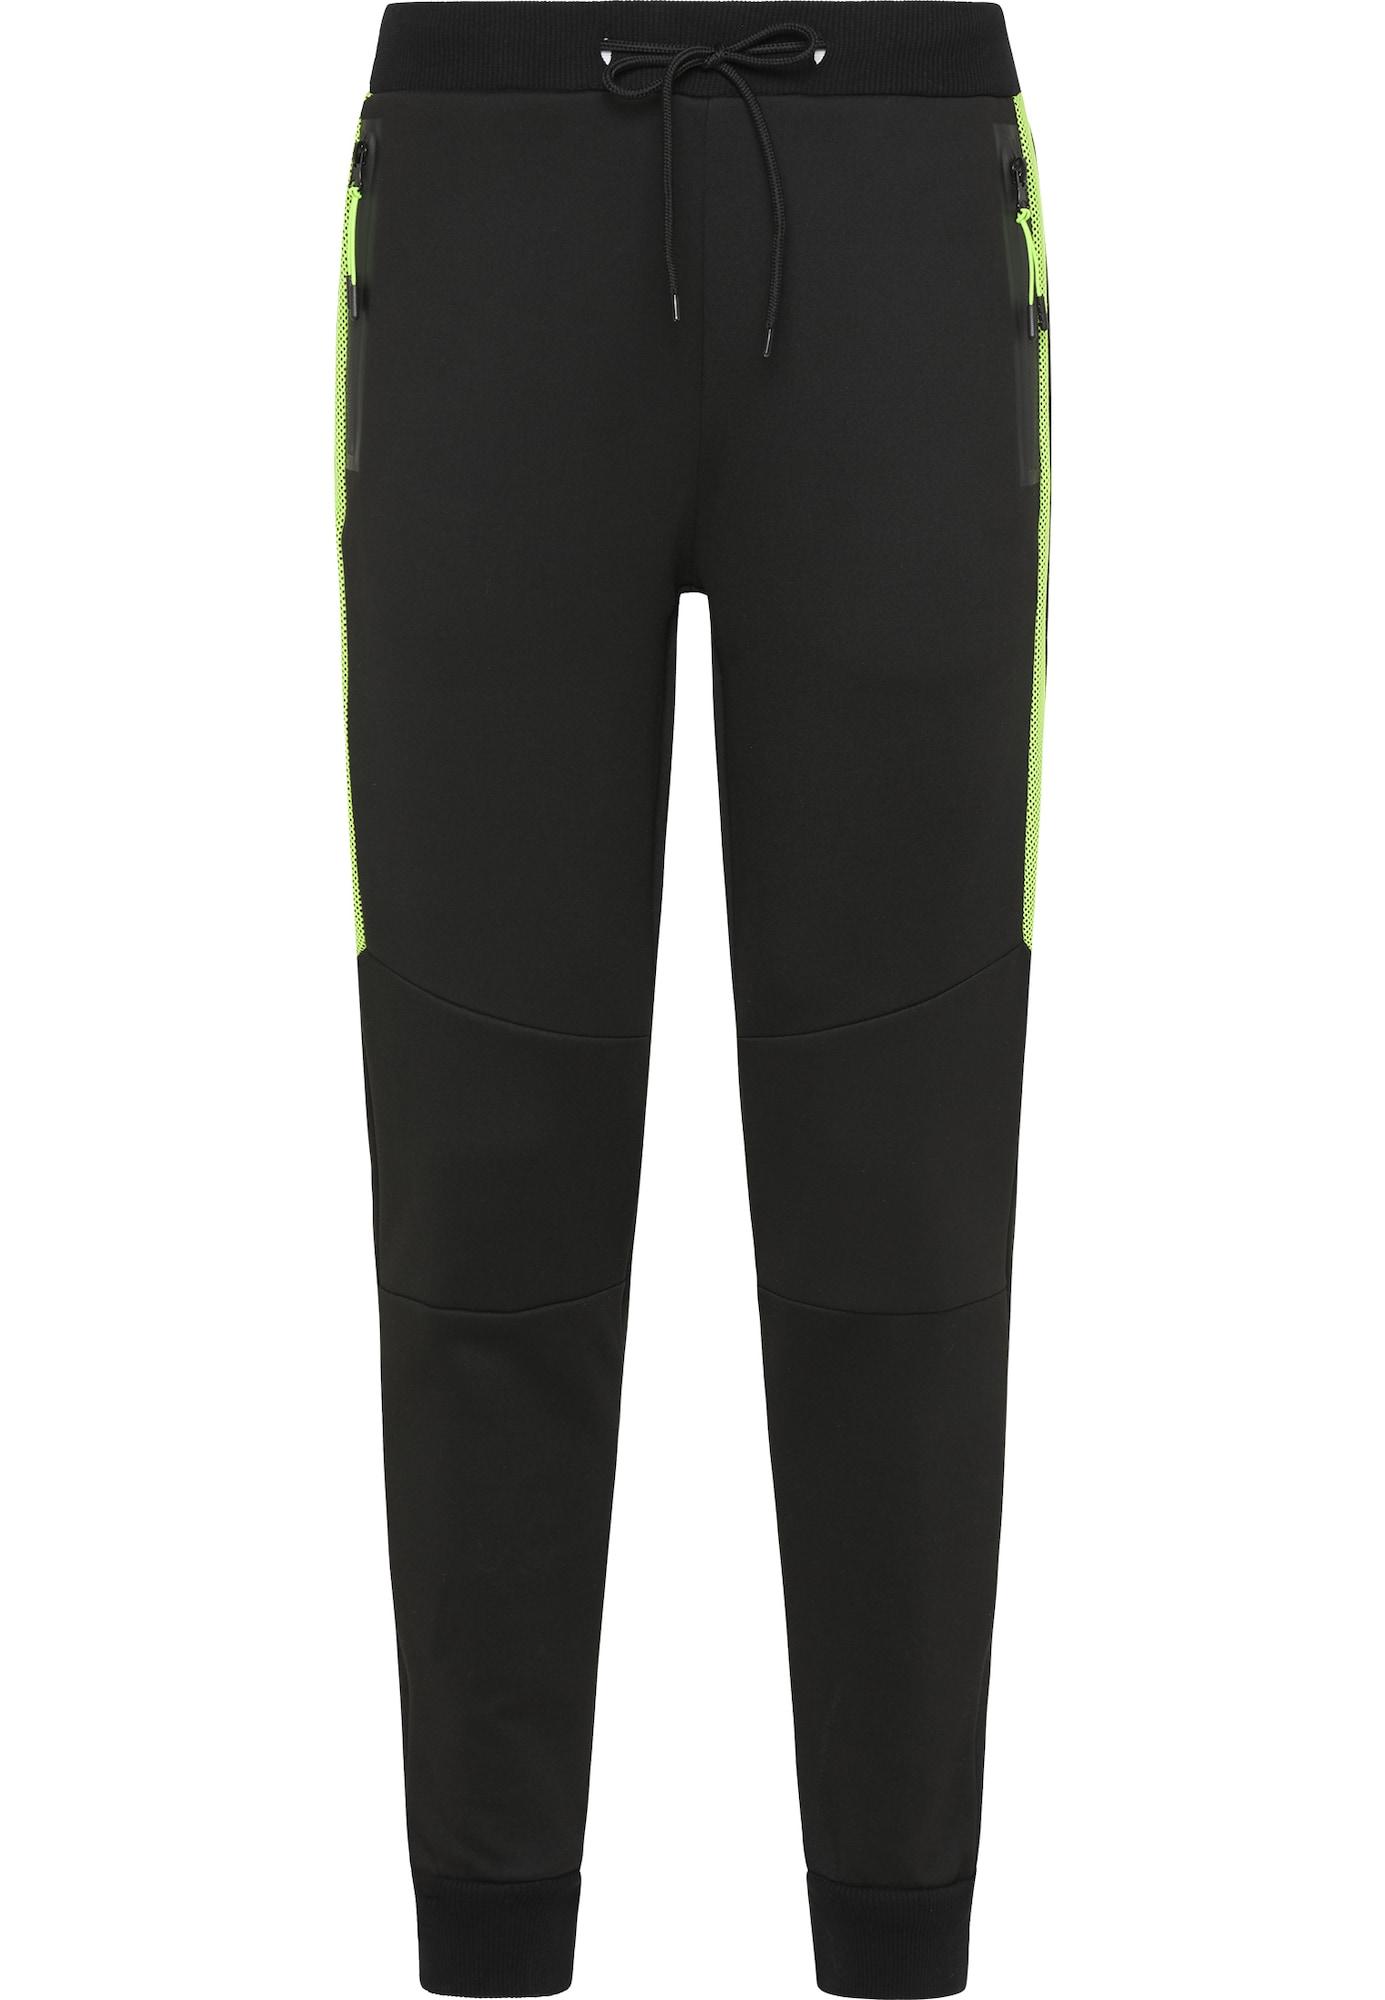 Mo SPORTS Kelnės juoda / šviesiai žalia